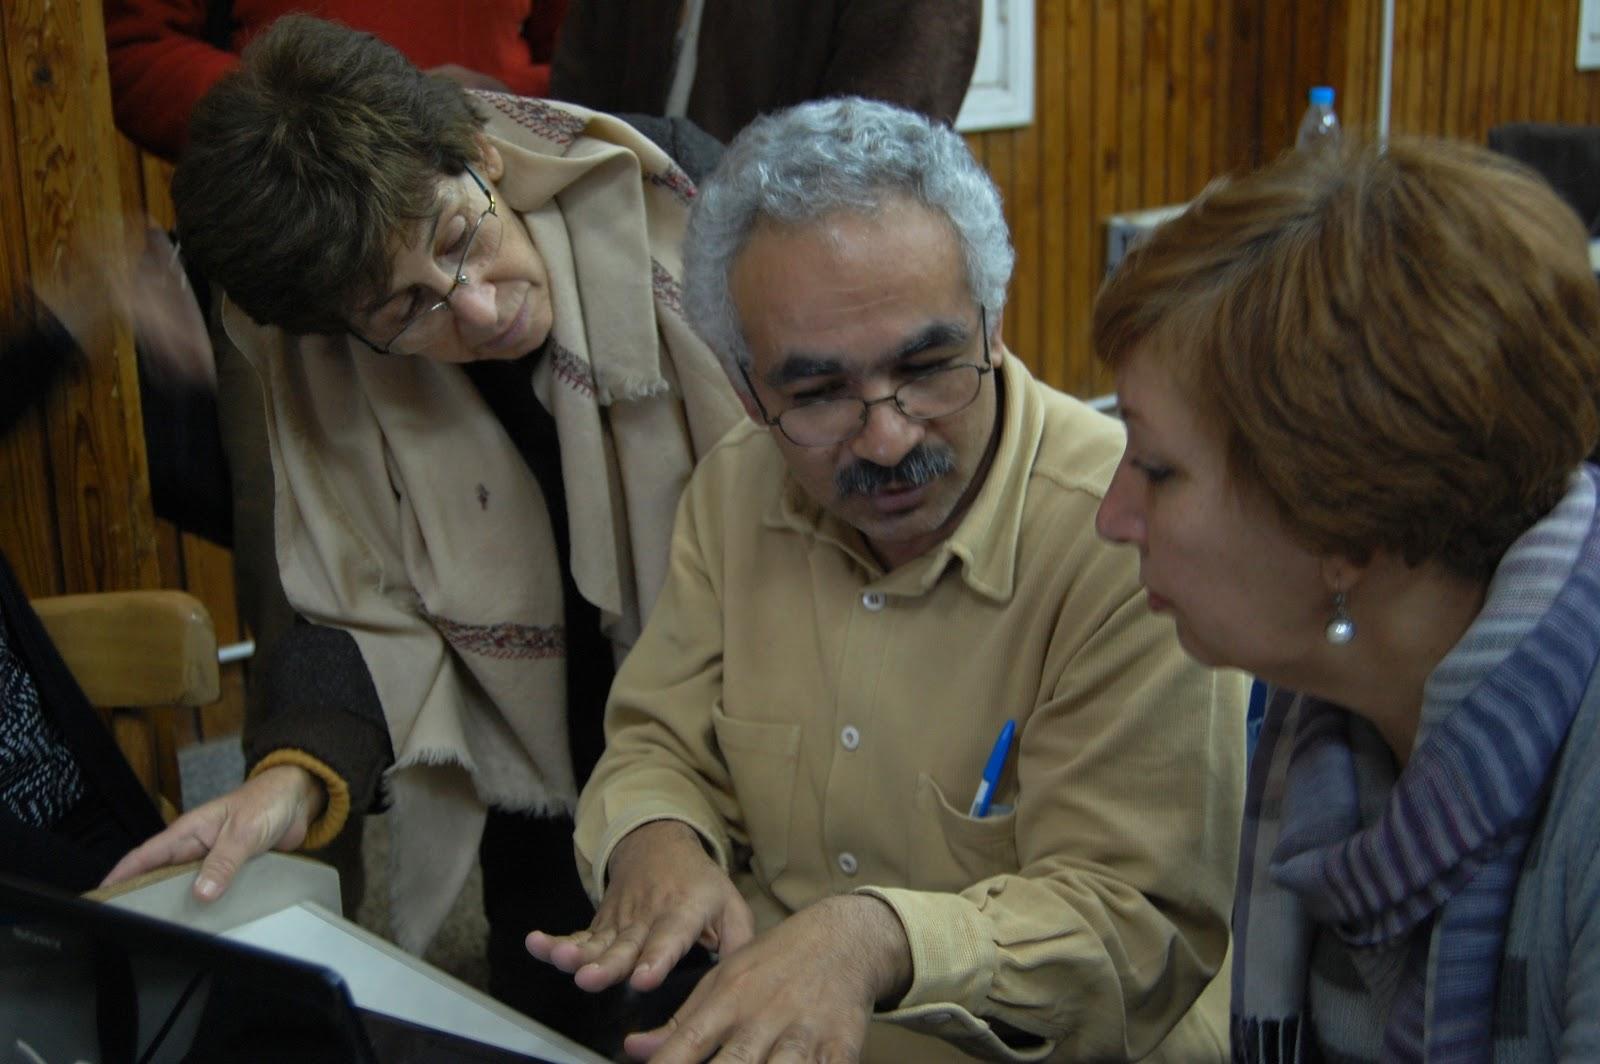 Hany ElHusseiny